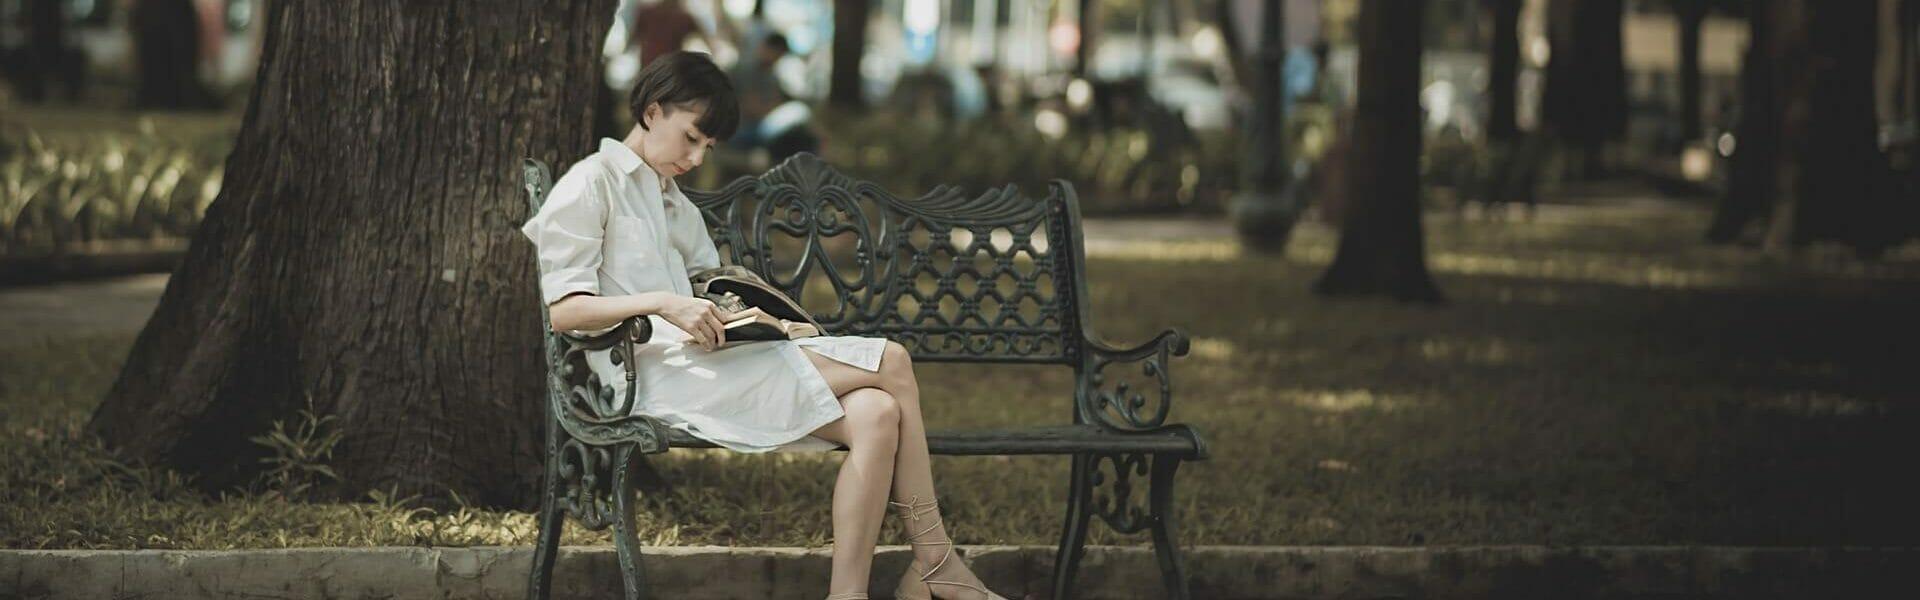 girl-3604784_1920